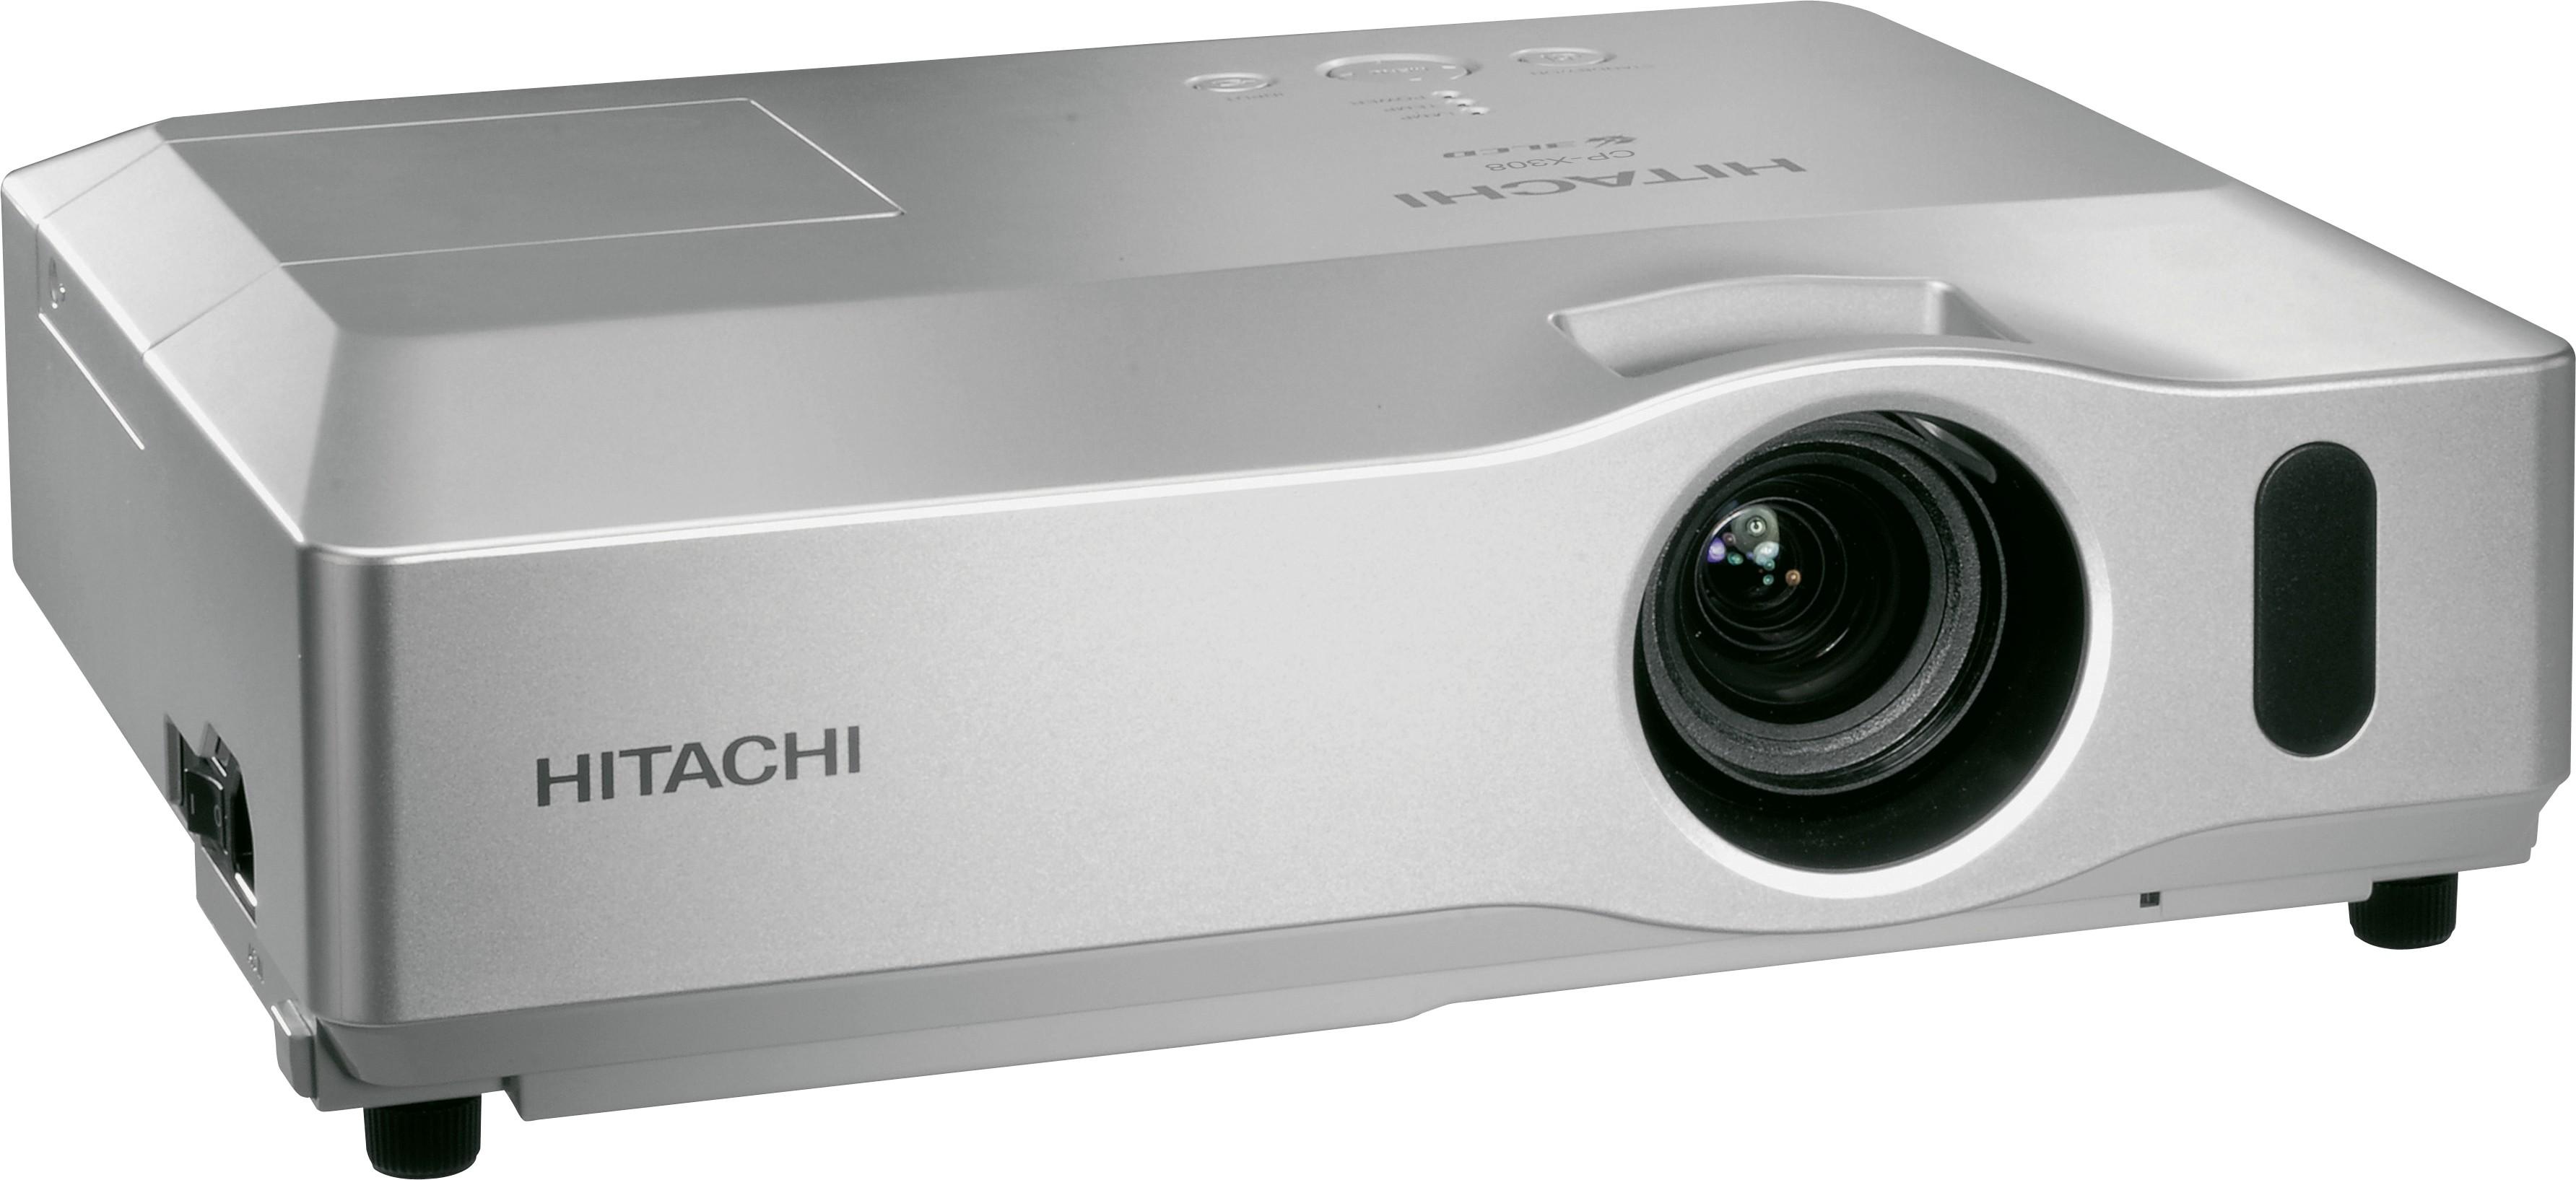 Ремонт проектора Hitachi в Москве